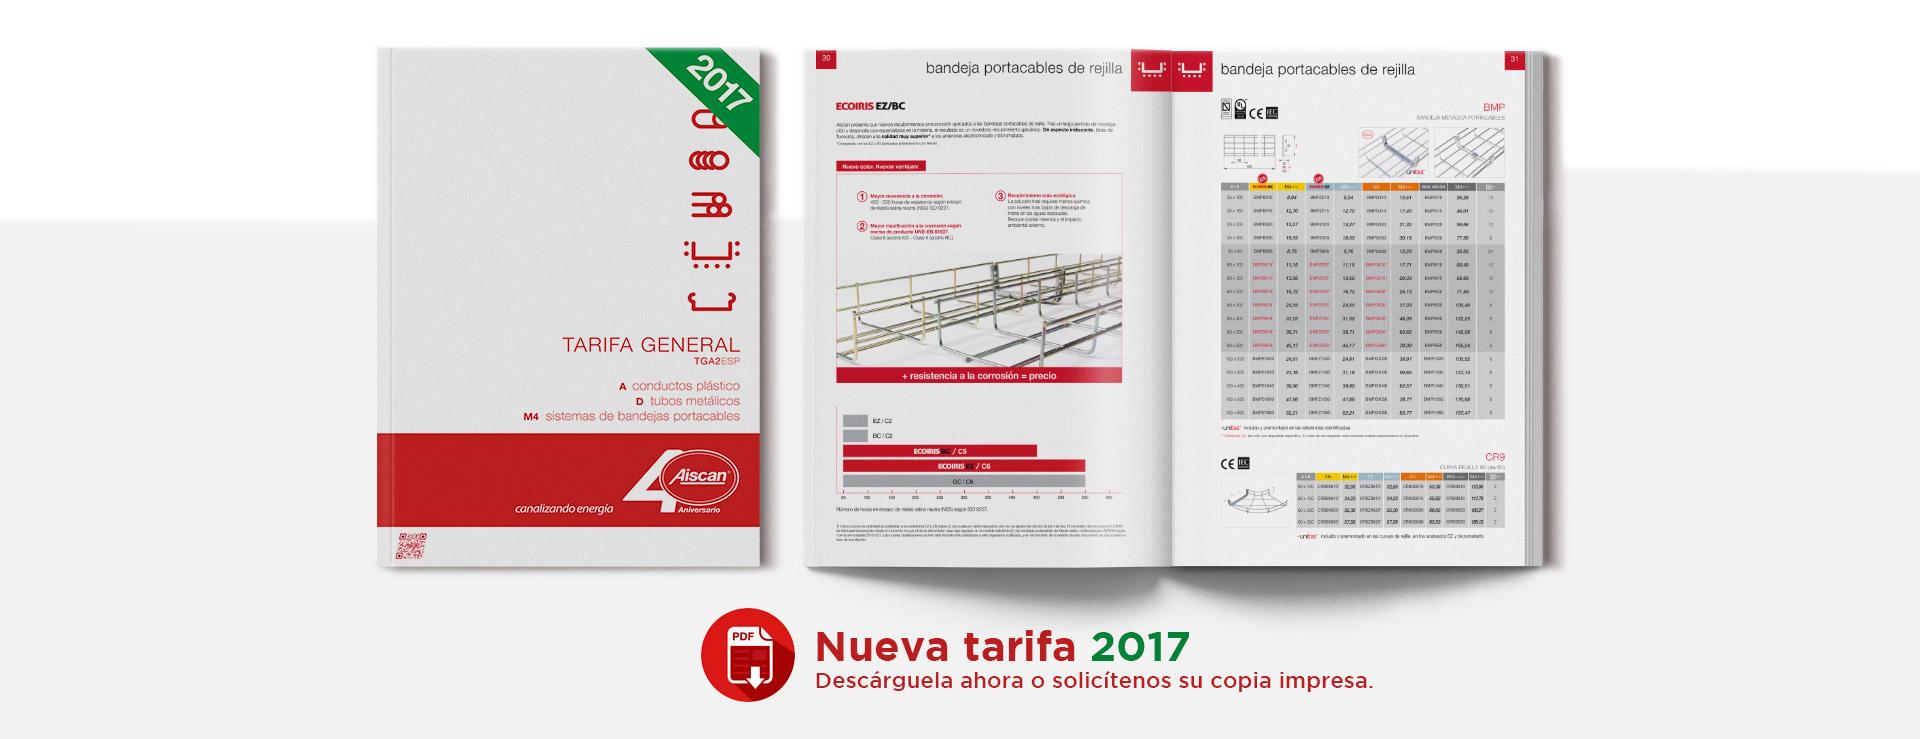 tarifa-2017-aiscan